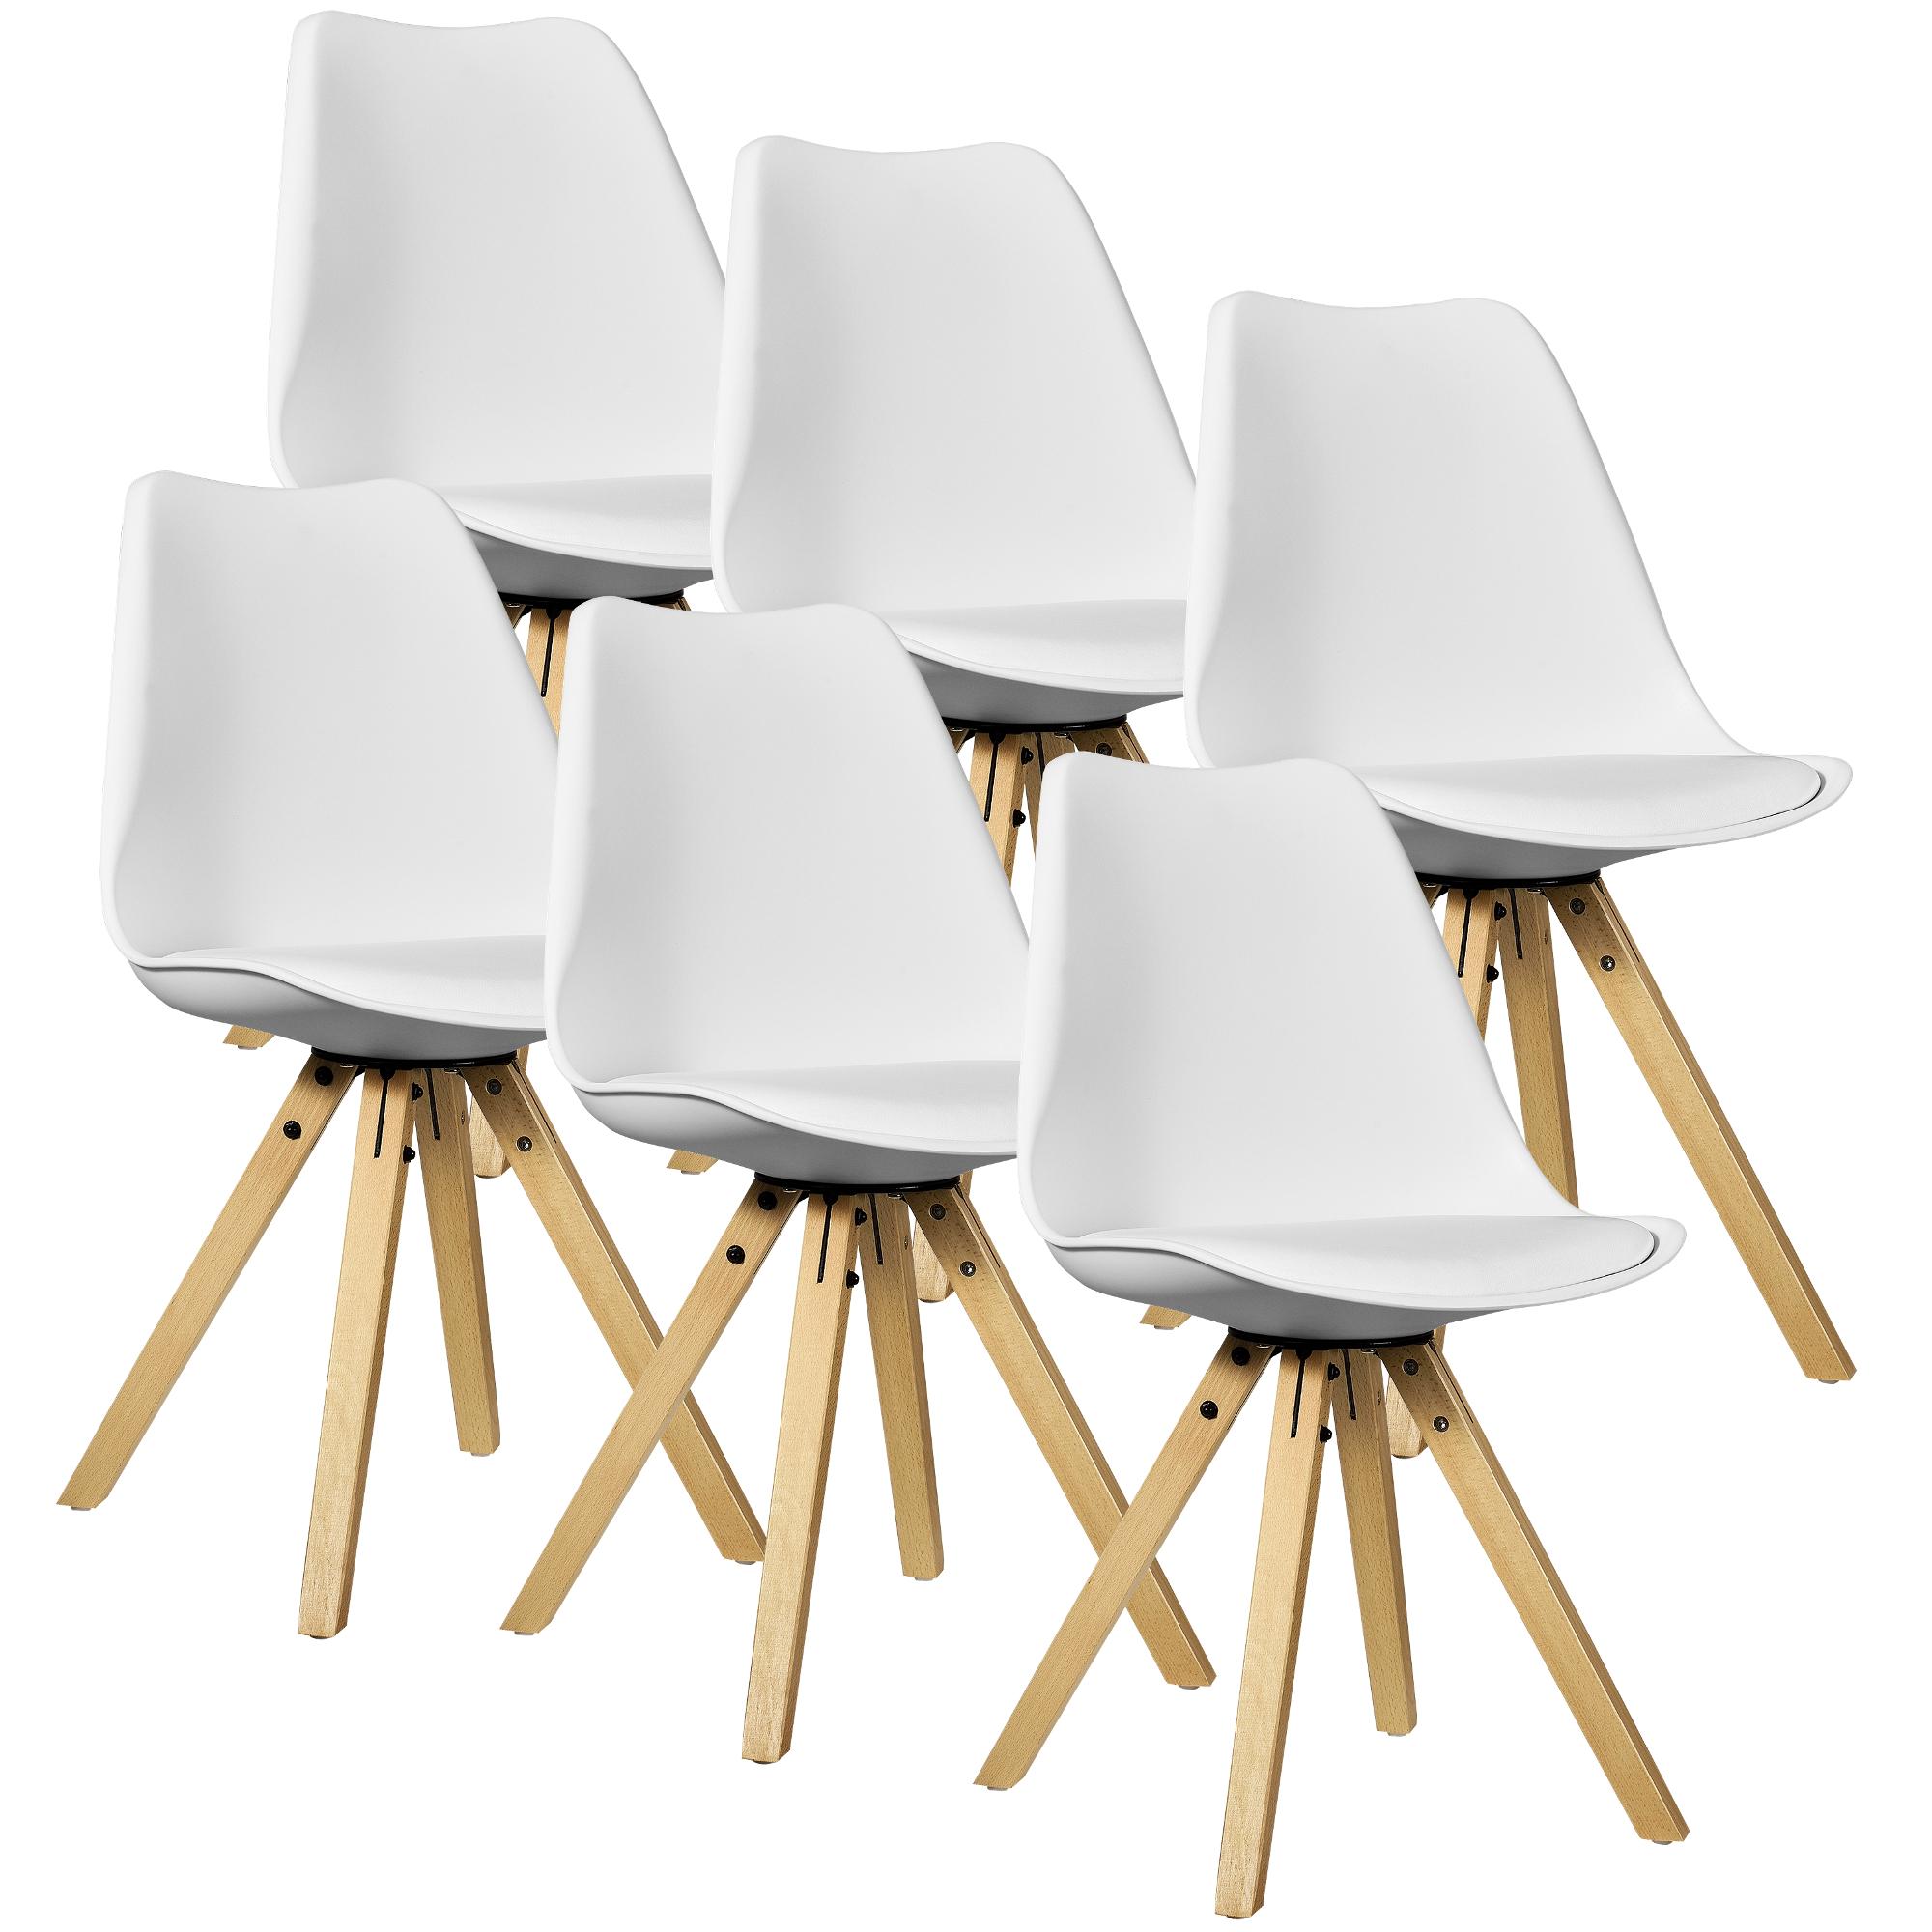 Verführerisch Stühle Esszimmer Dekoration Von [en.casa] 6x Design Stühle Weiß Stuhl Holz